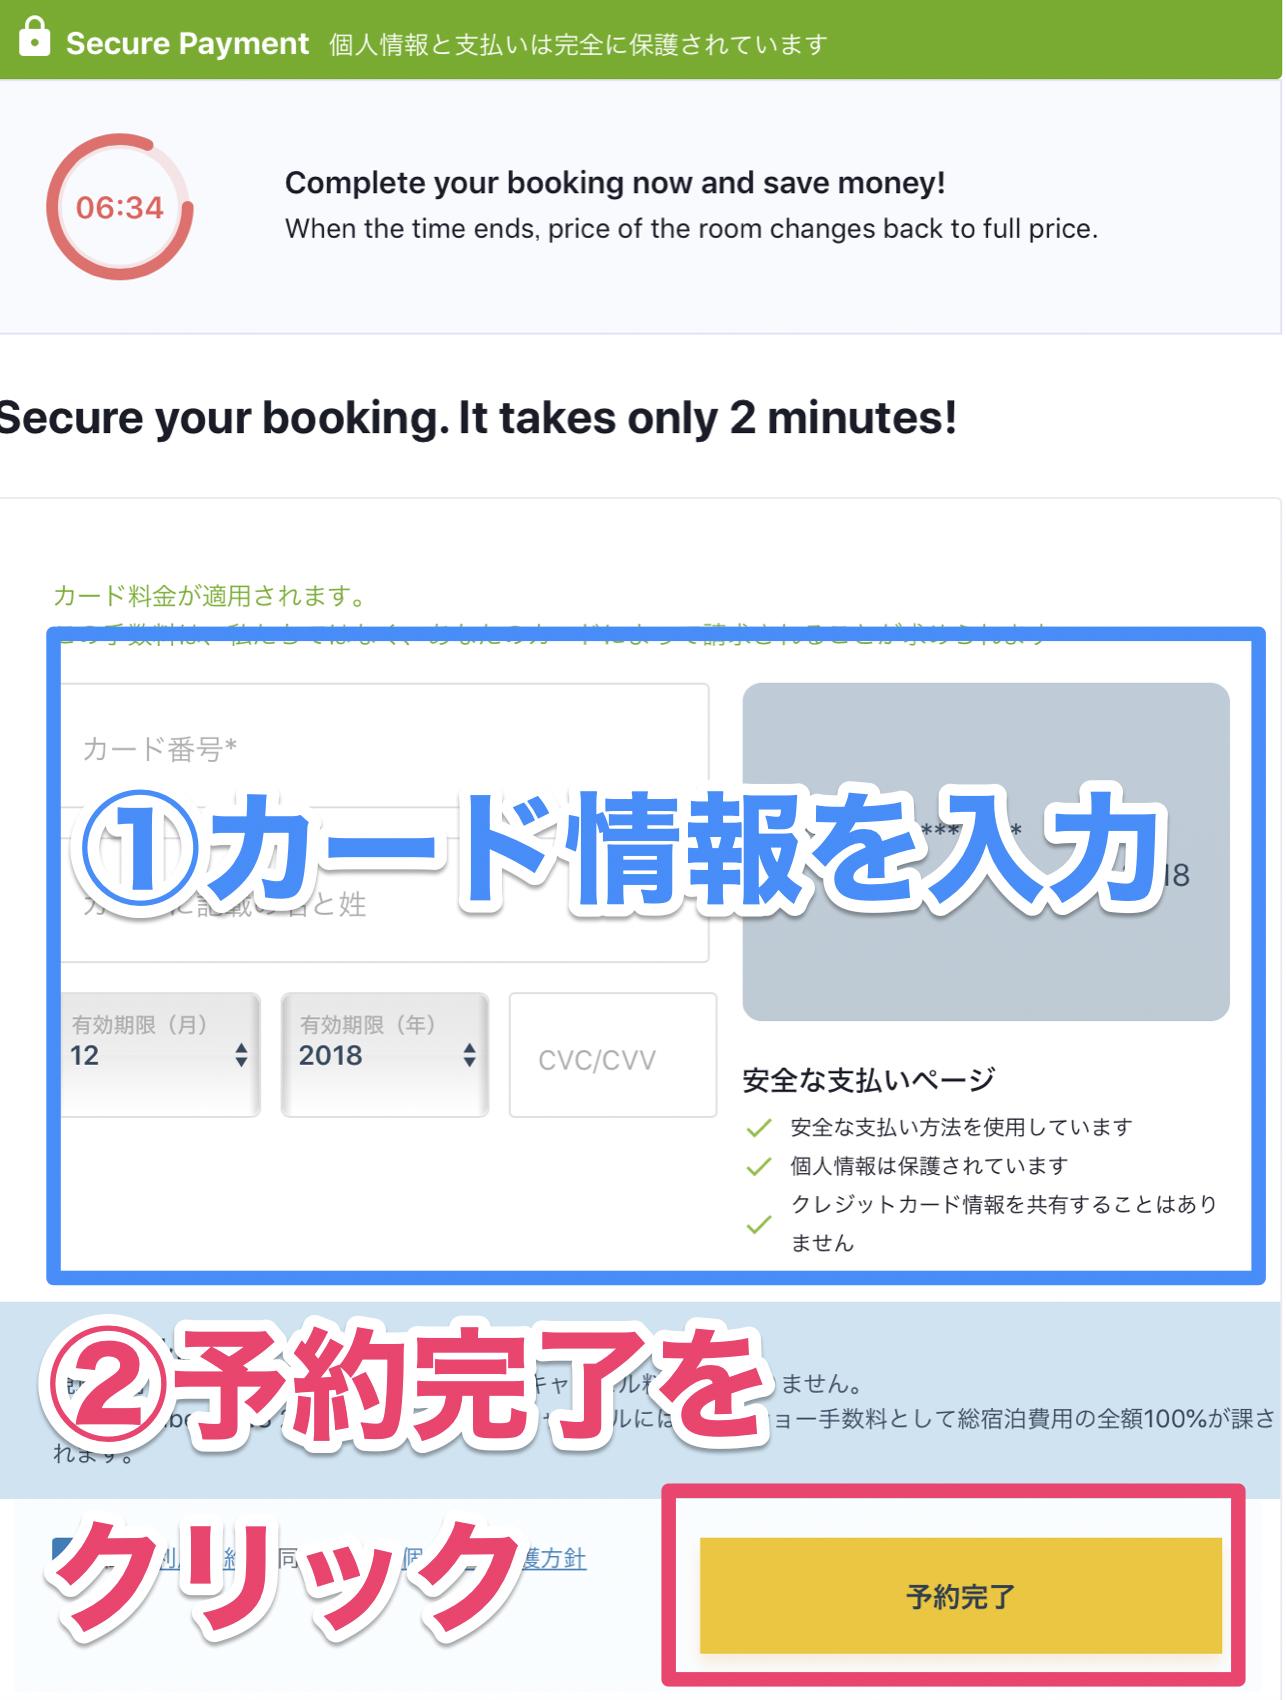 otel.comのホテル予約方法